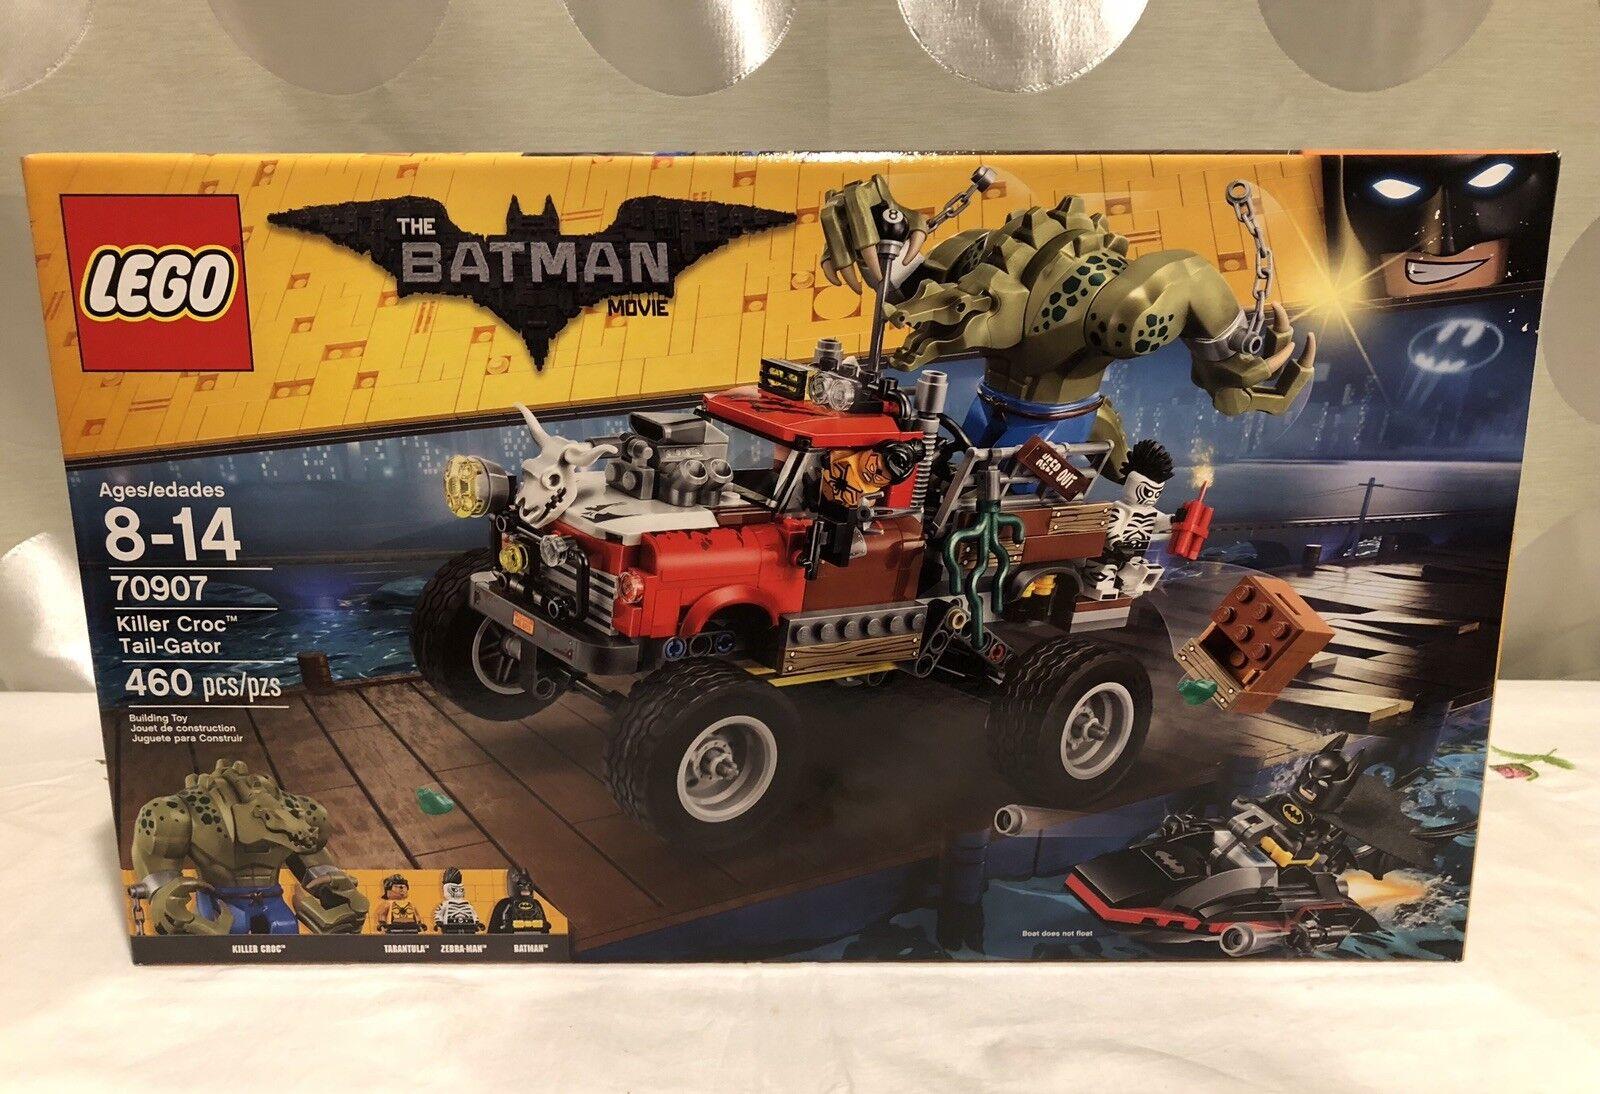 LEGO BAThomme Killer Croc  queue-Gator 70907  font des activités d'escompte